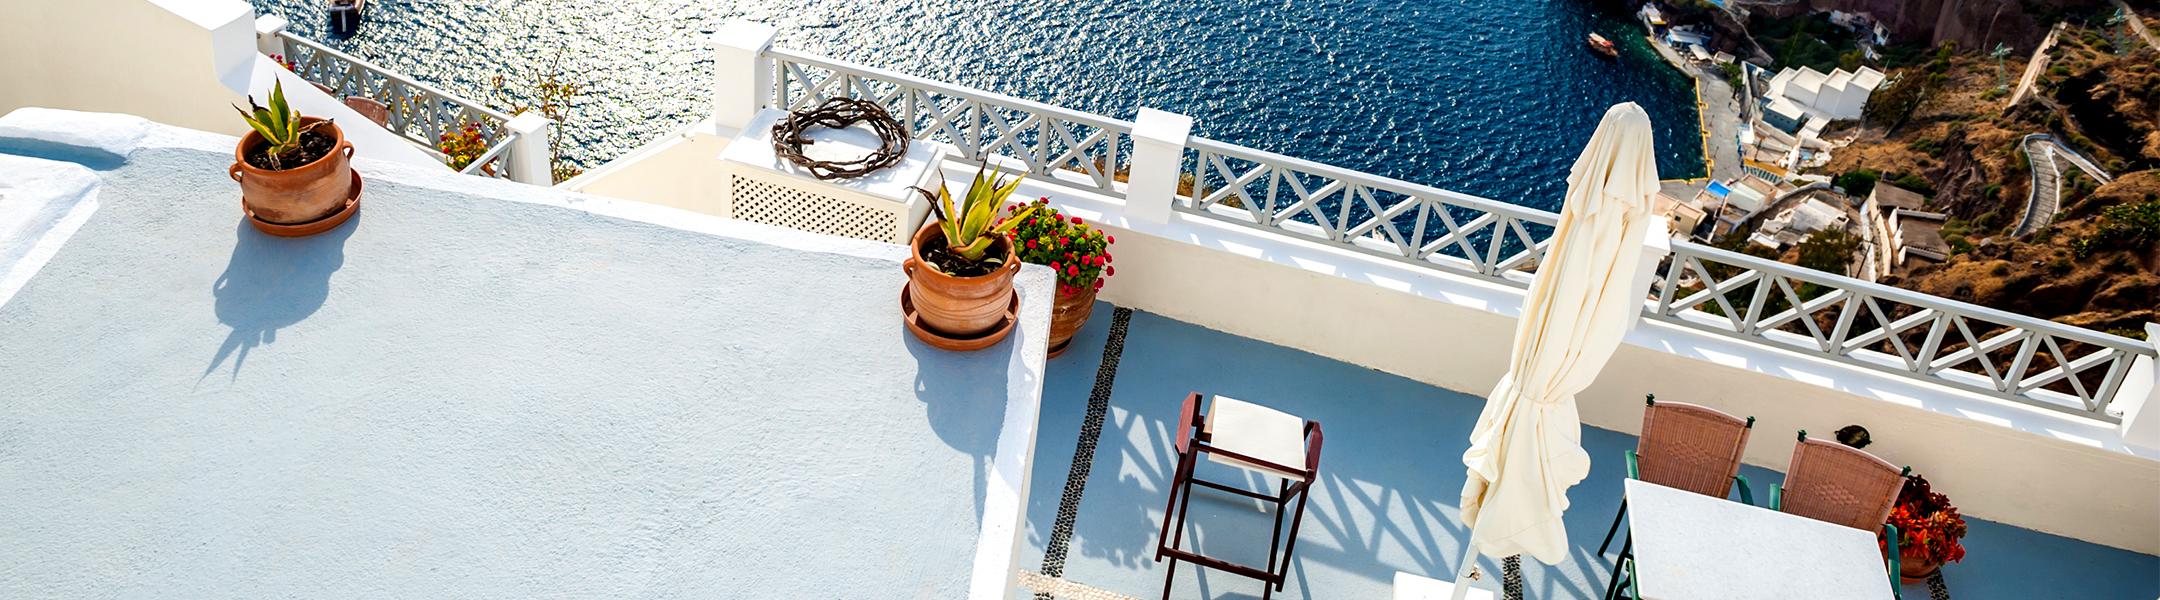 impermeabilizzazione tetti e terrazze